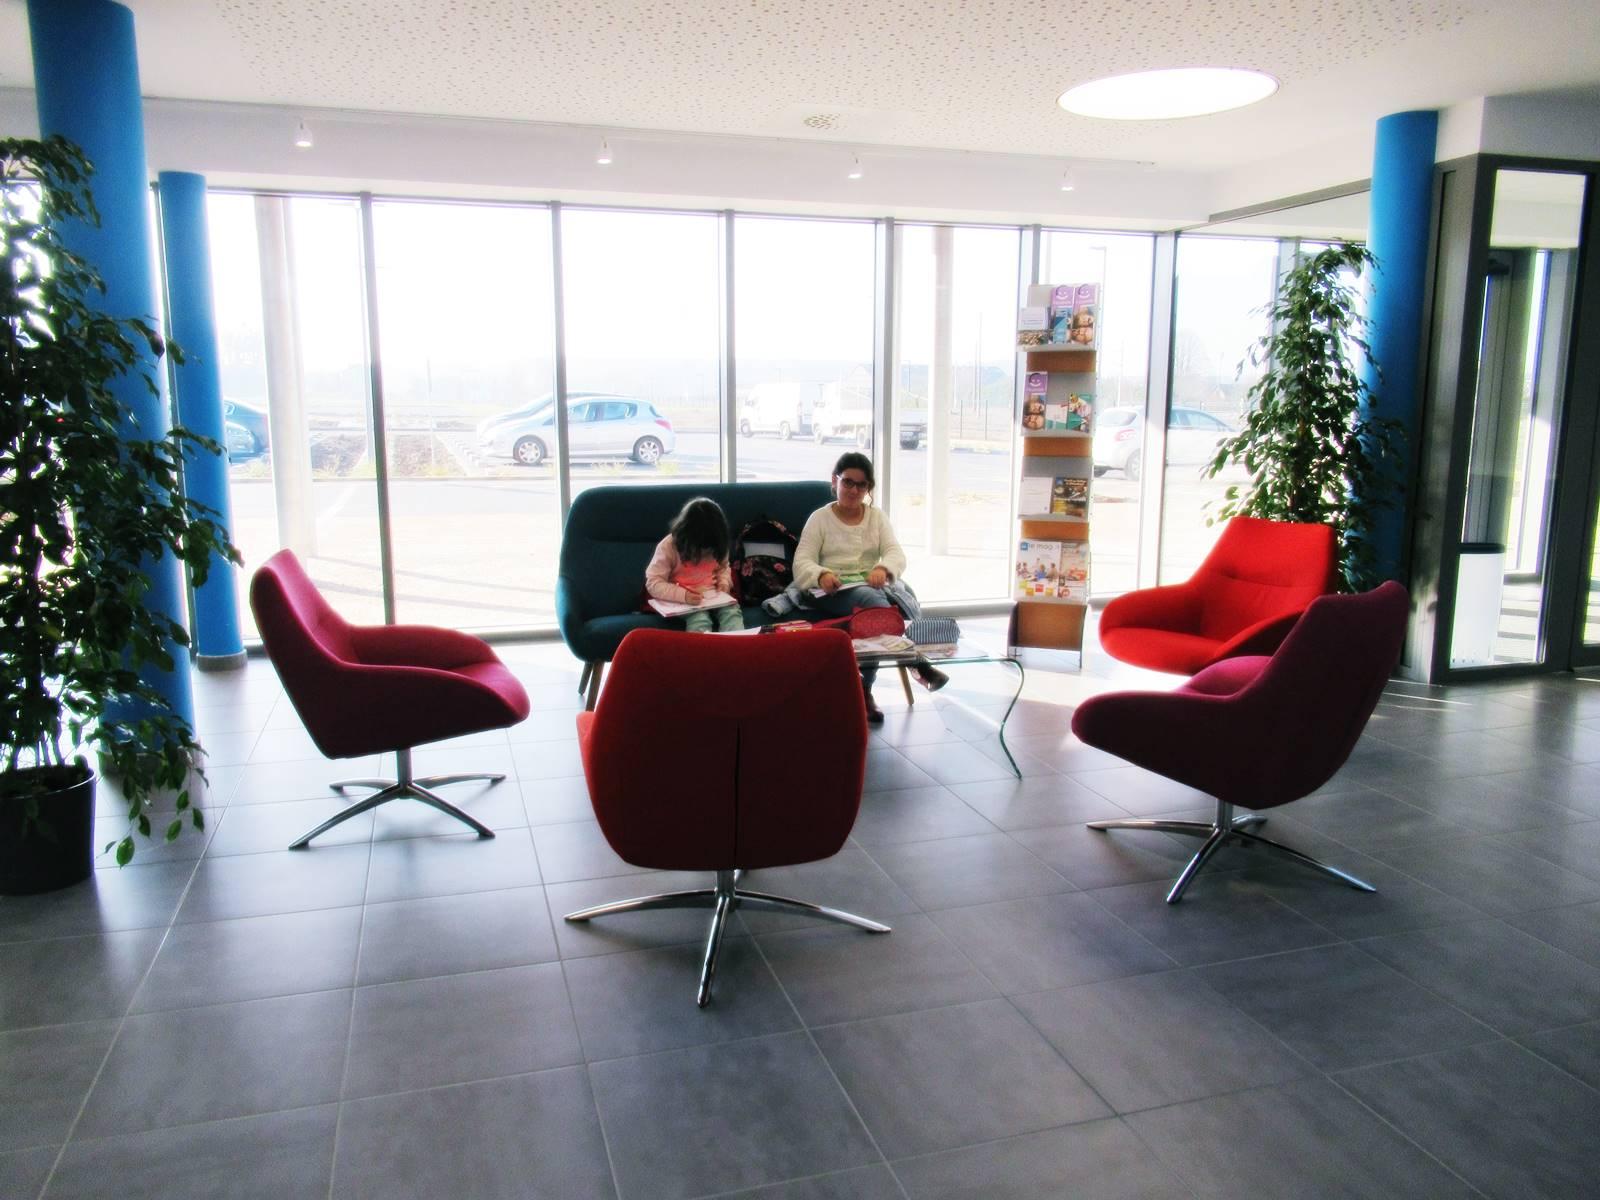 Espace coworking chateaubriant quai entrepreneur 2